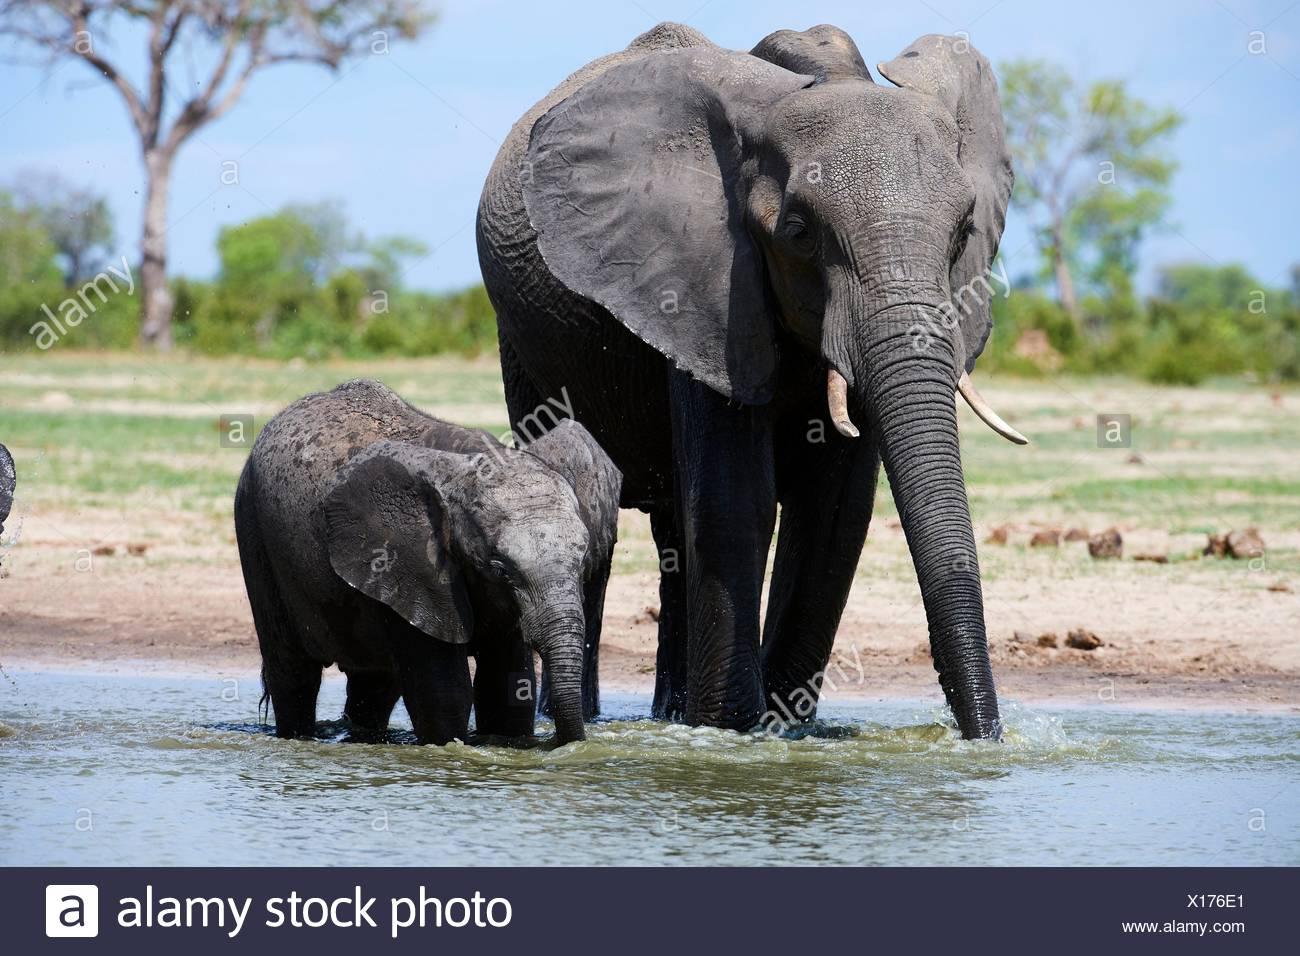 Mère et son petit éléphant d'Afrique (Loxodonta africana) de l'alcool à un watehole. Le parc national de Hwange, Zimbabwe. Photo Stock